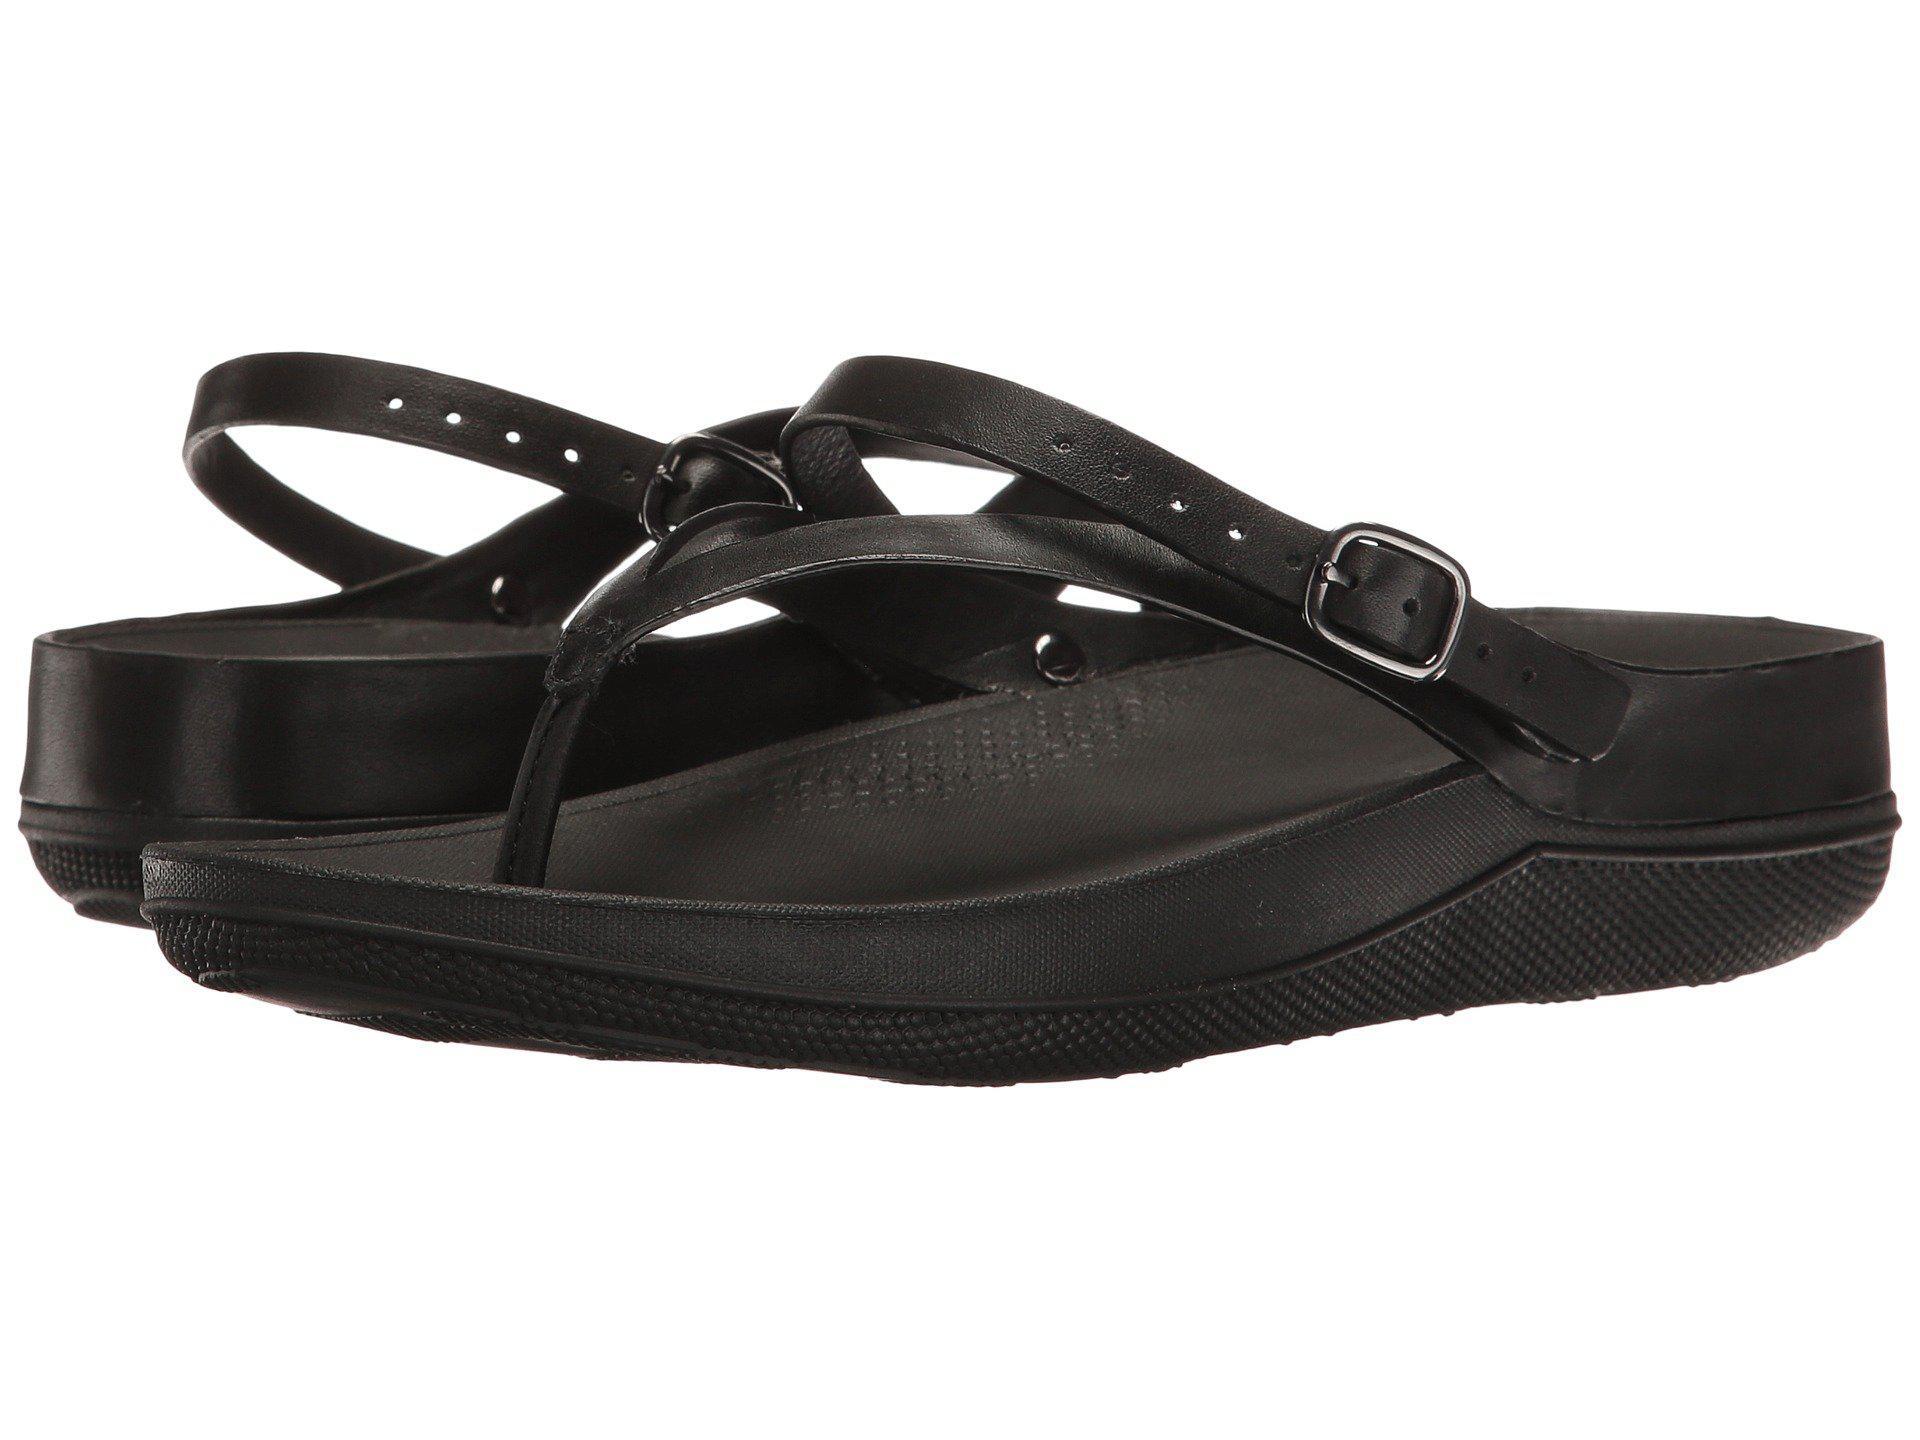 28495ecbaa631 Lyst - Fitflop Flip Leather Sandals in Black